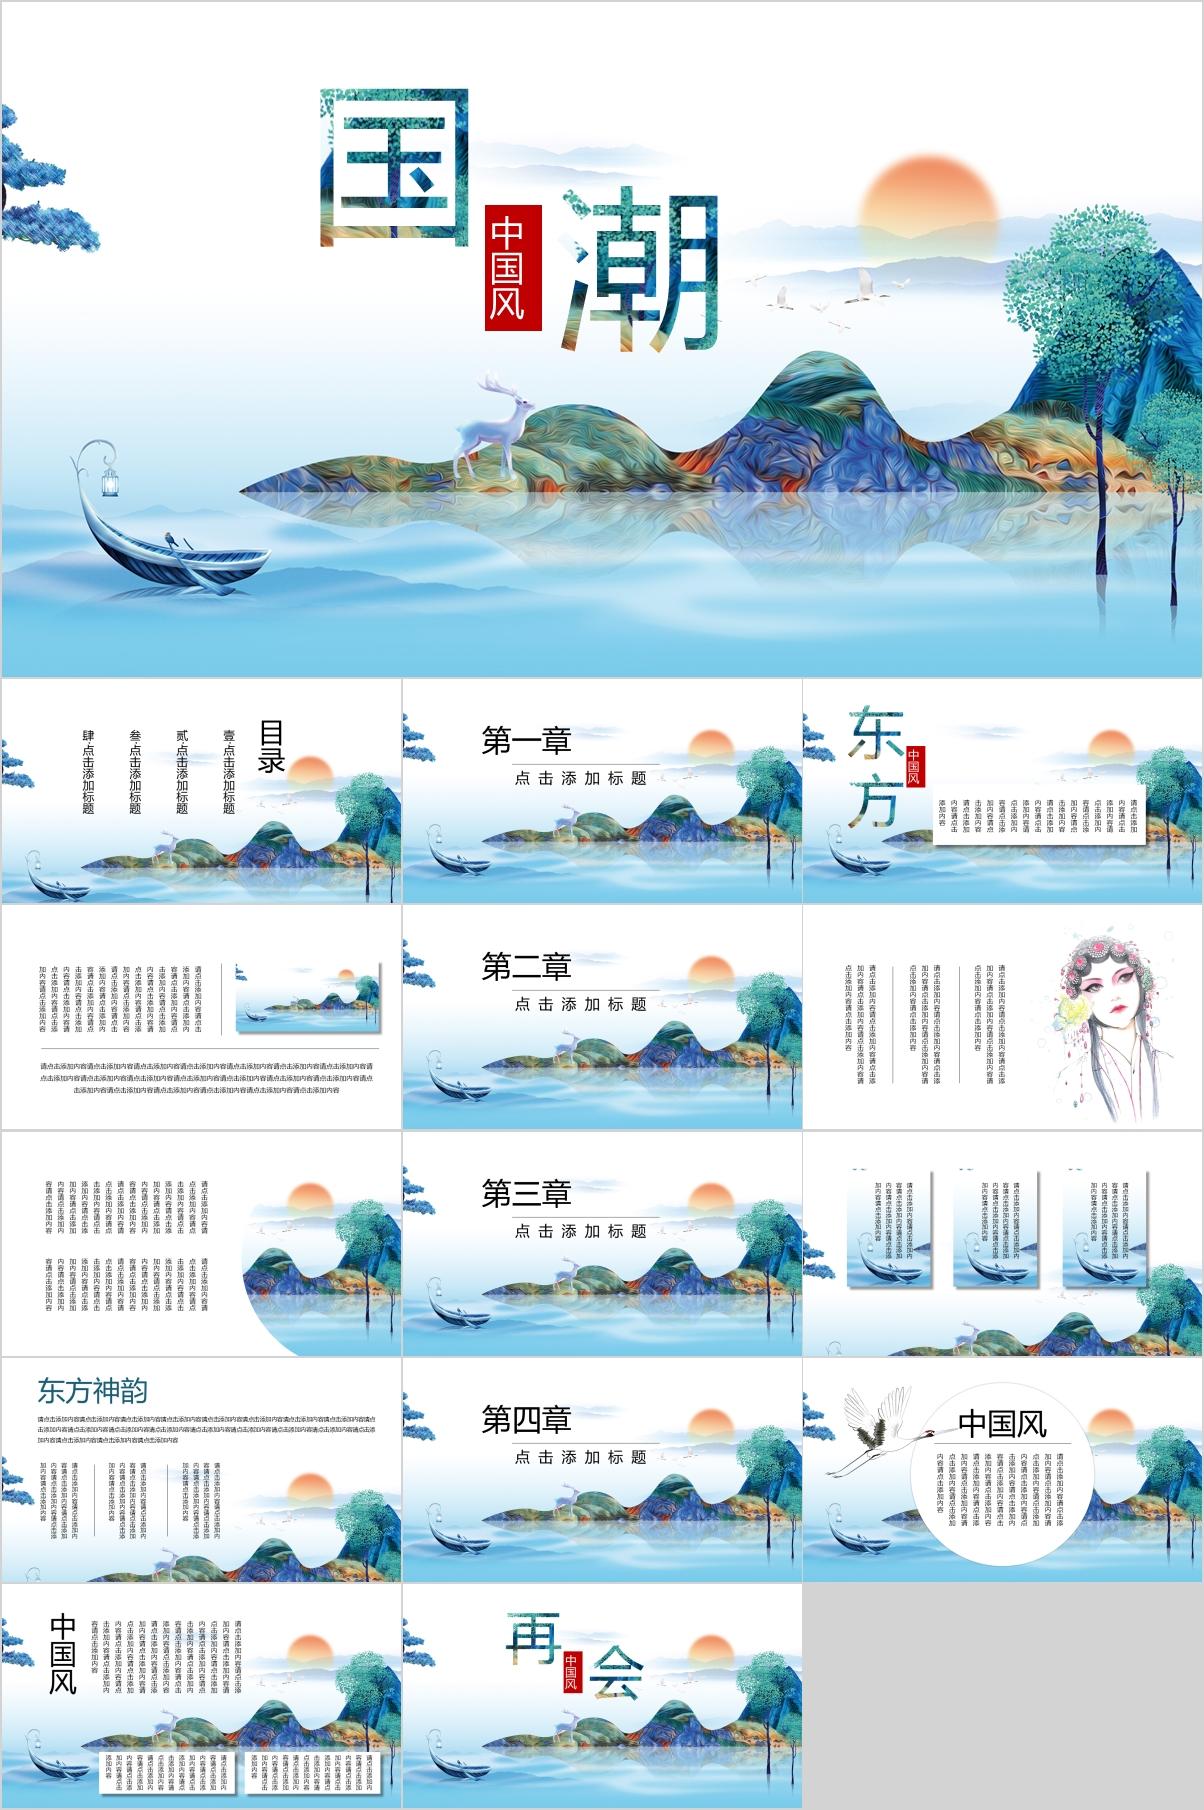 【PPT】国潮创意山水画PPT模板-爱资源分享